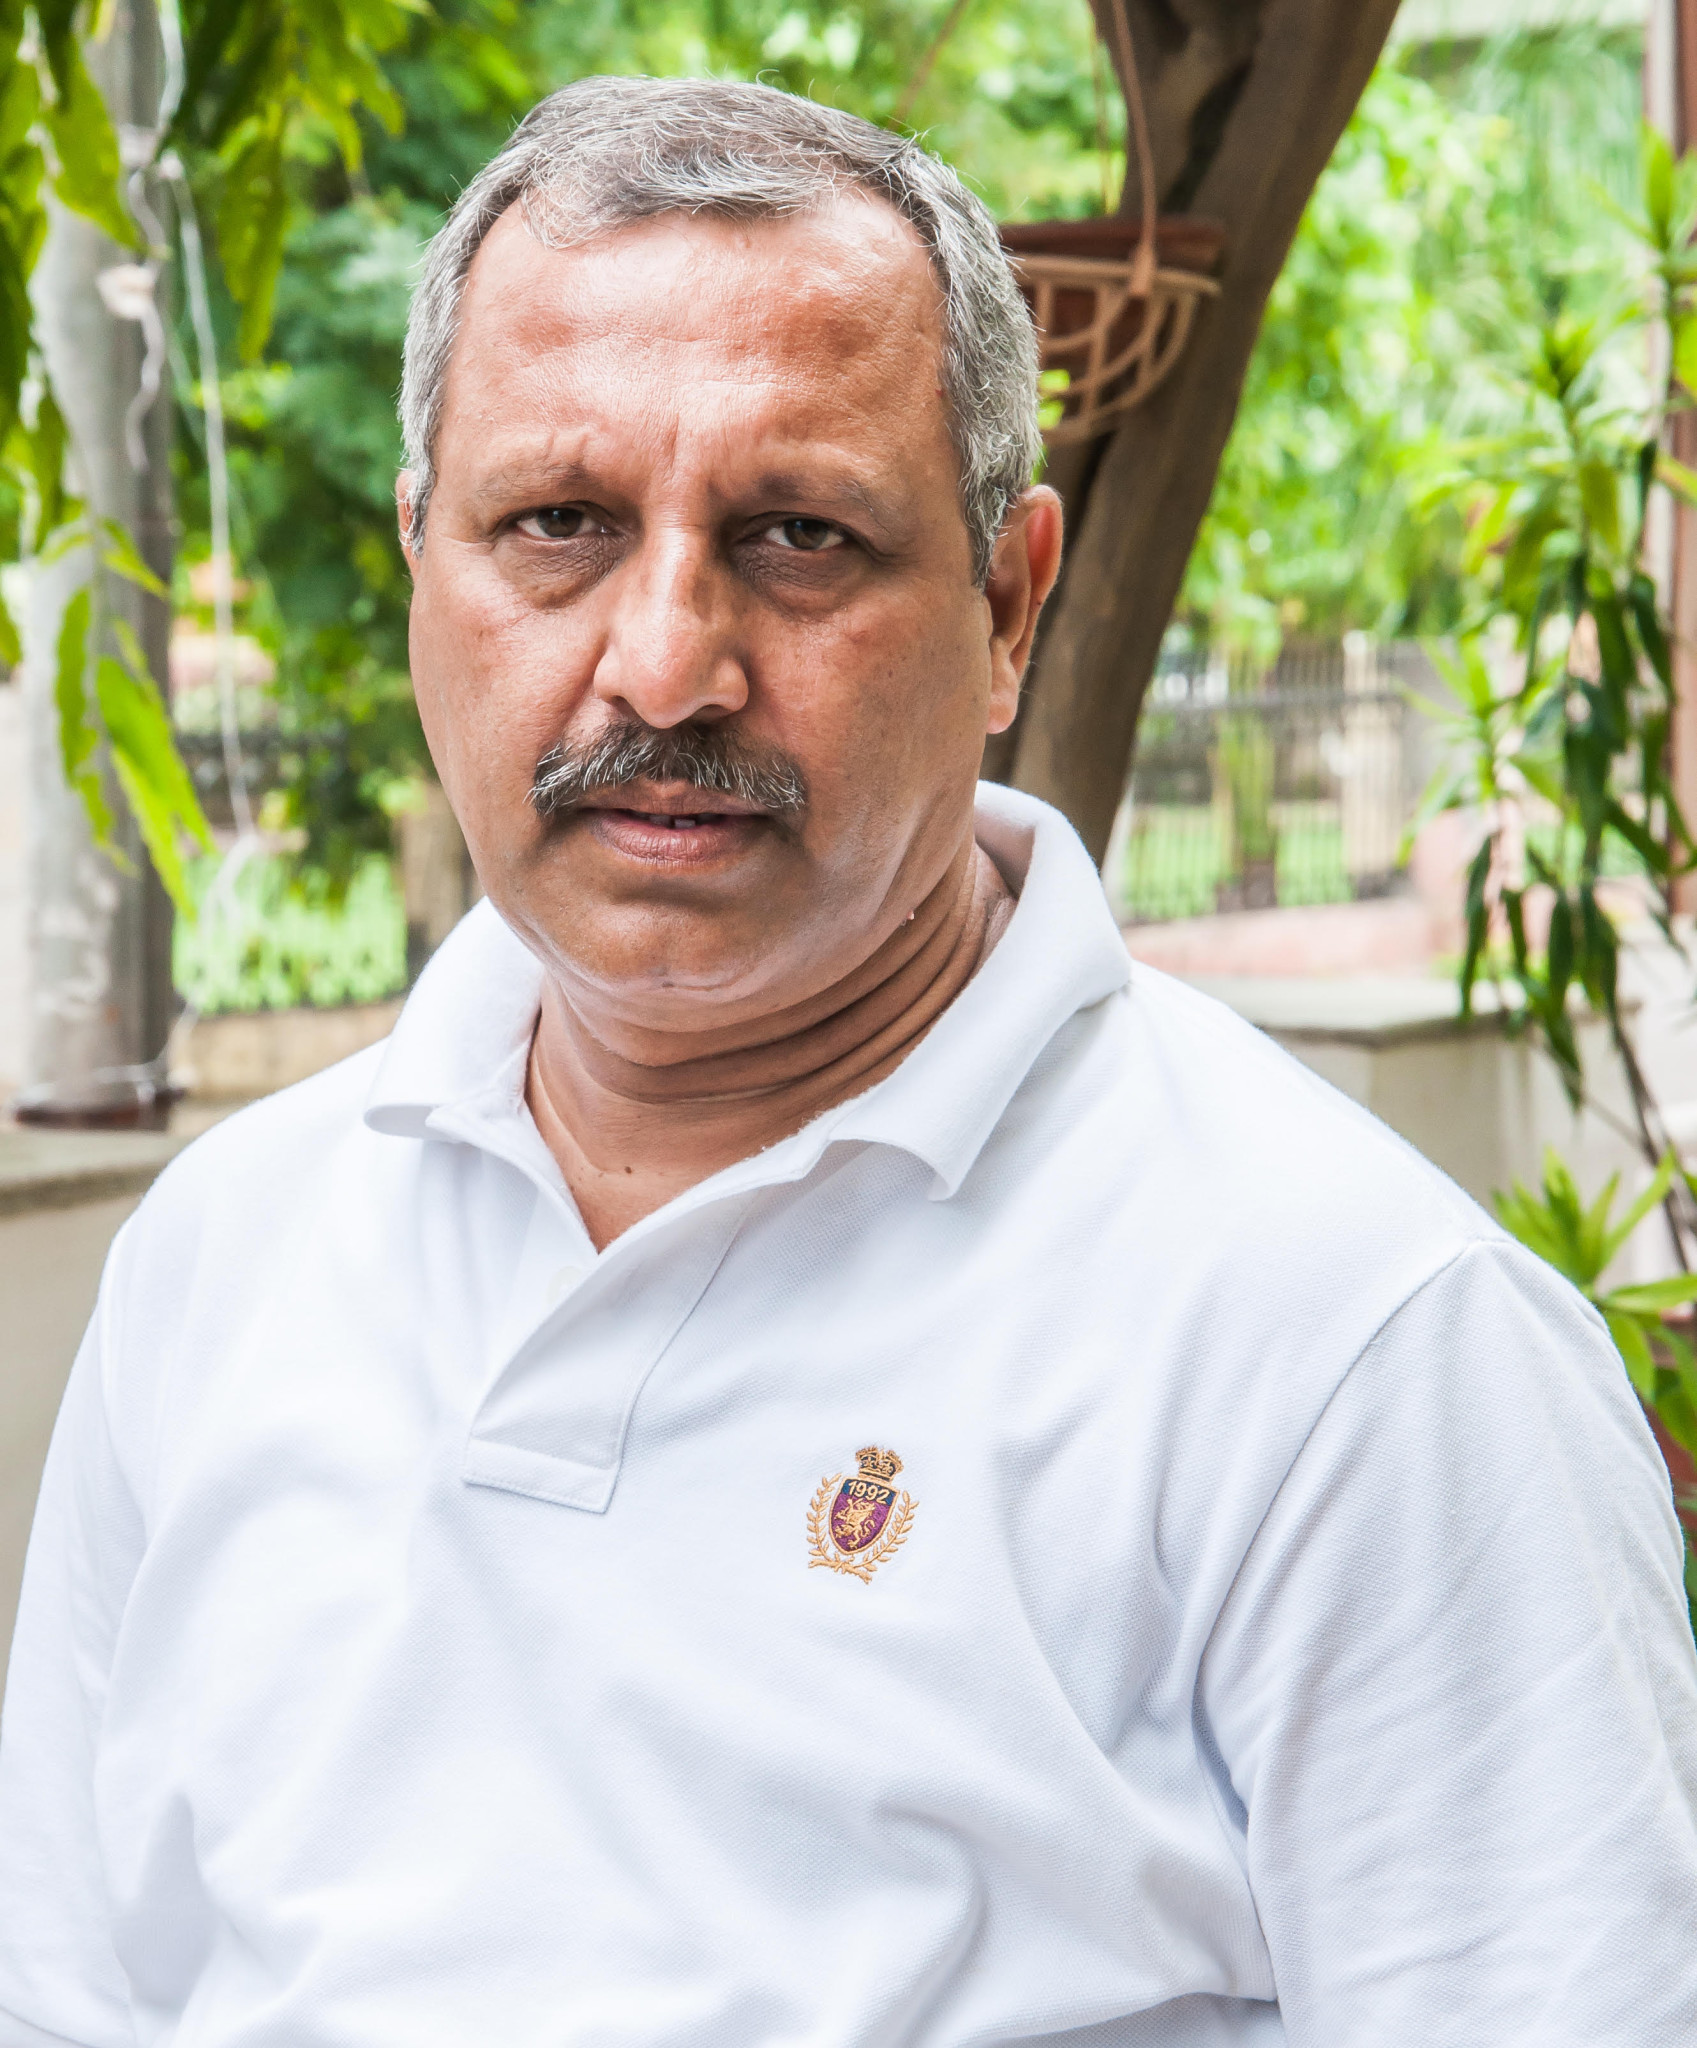 Sudhir Sapra